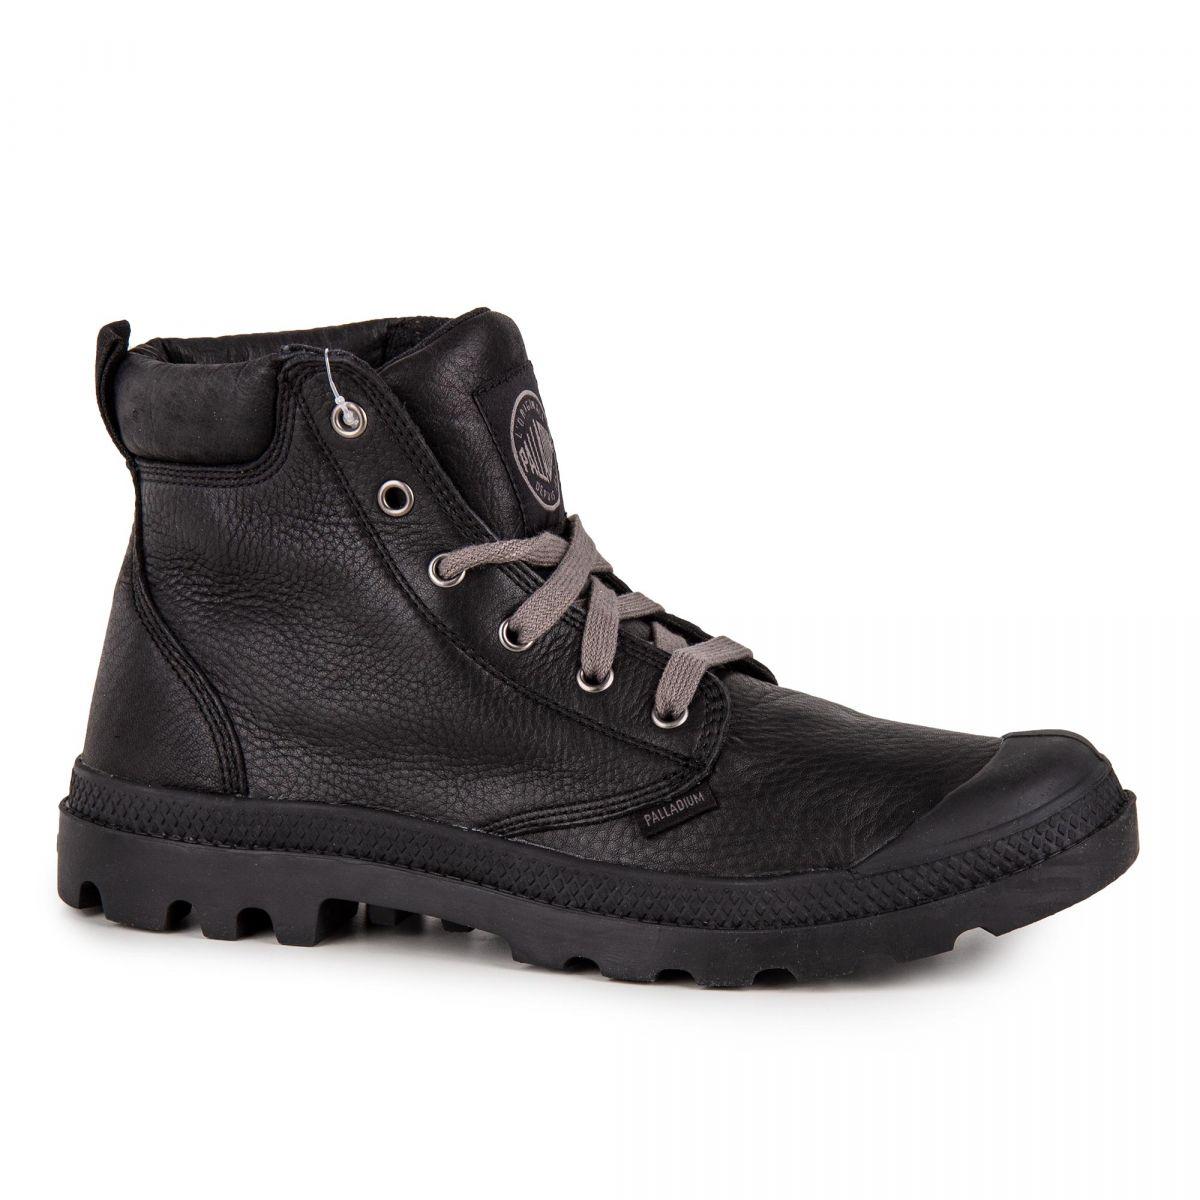 ec1e836d20d Bottines noires en cuir homme Pampa Hi Cuff Lea PALLADIUM à prix